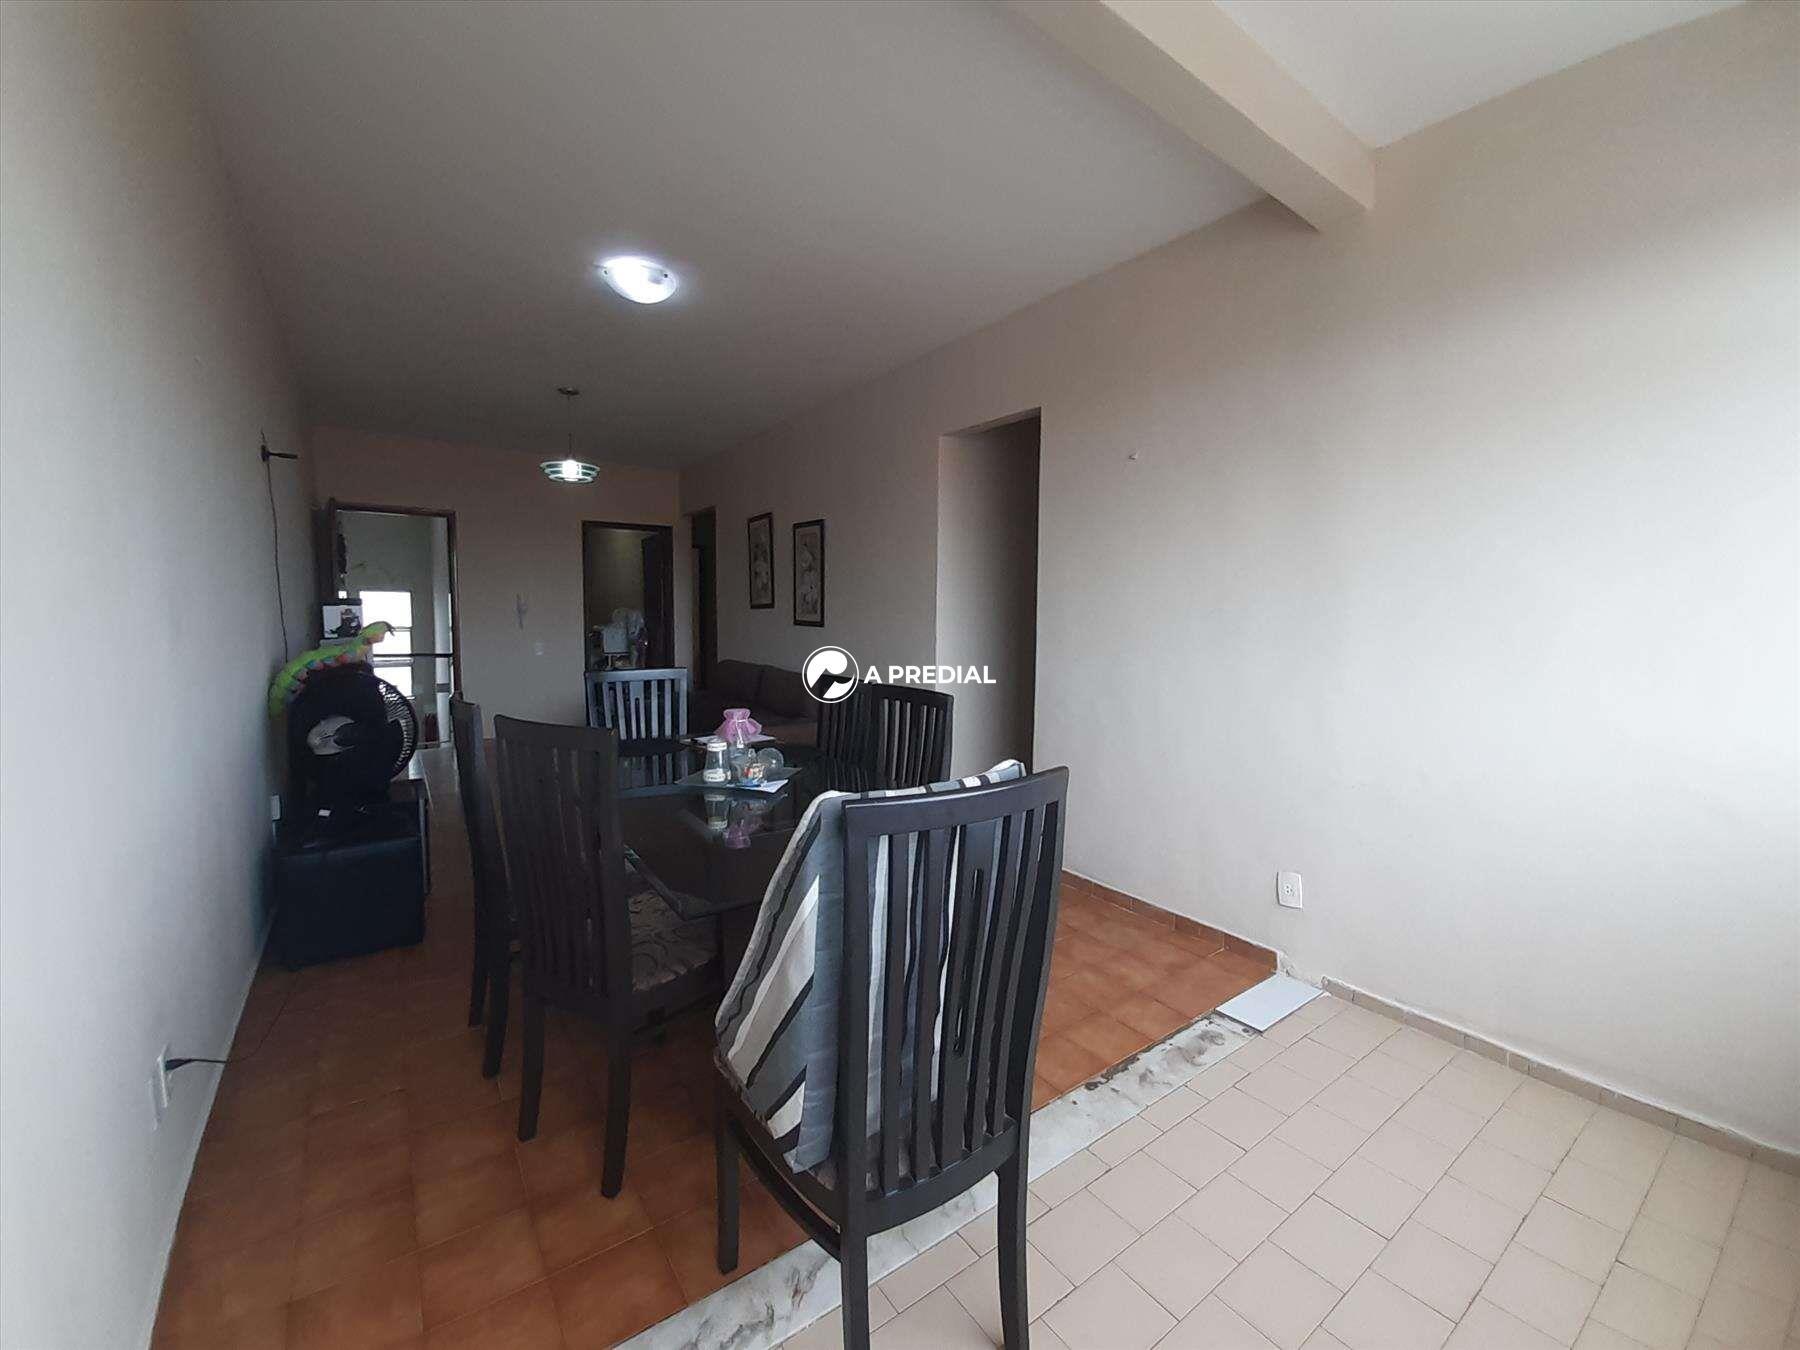 Apartamento à venda no Jacarecanga: 7d51410c-d-20200304_154906.jpg